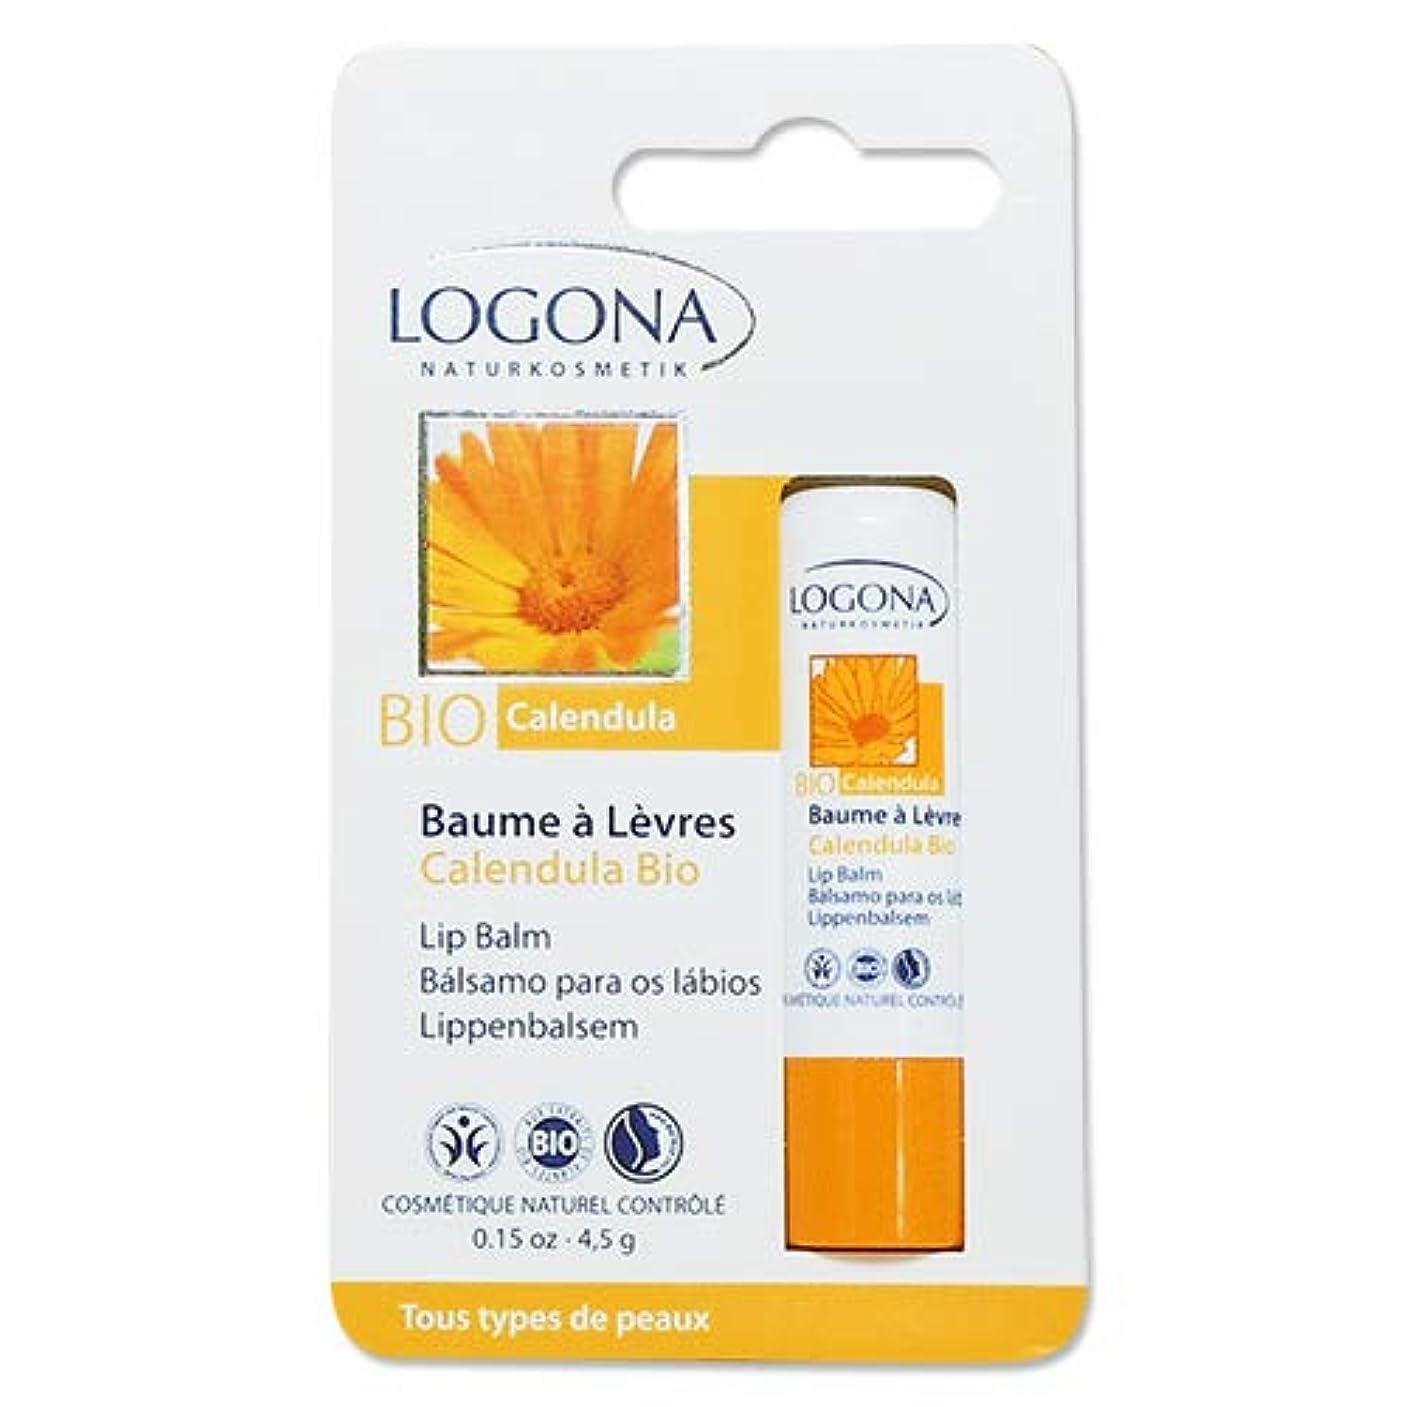 カウントレンダー葬儀3個セット ロゴナ(LOGONA) キャレンデュラ リップクリーム 4.5g[海外直送品]